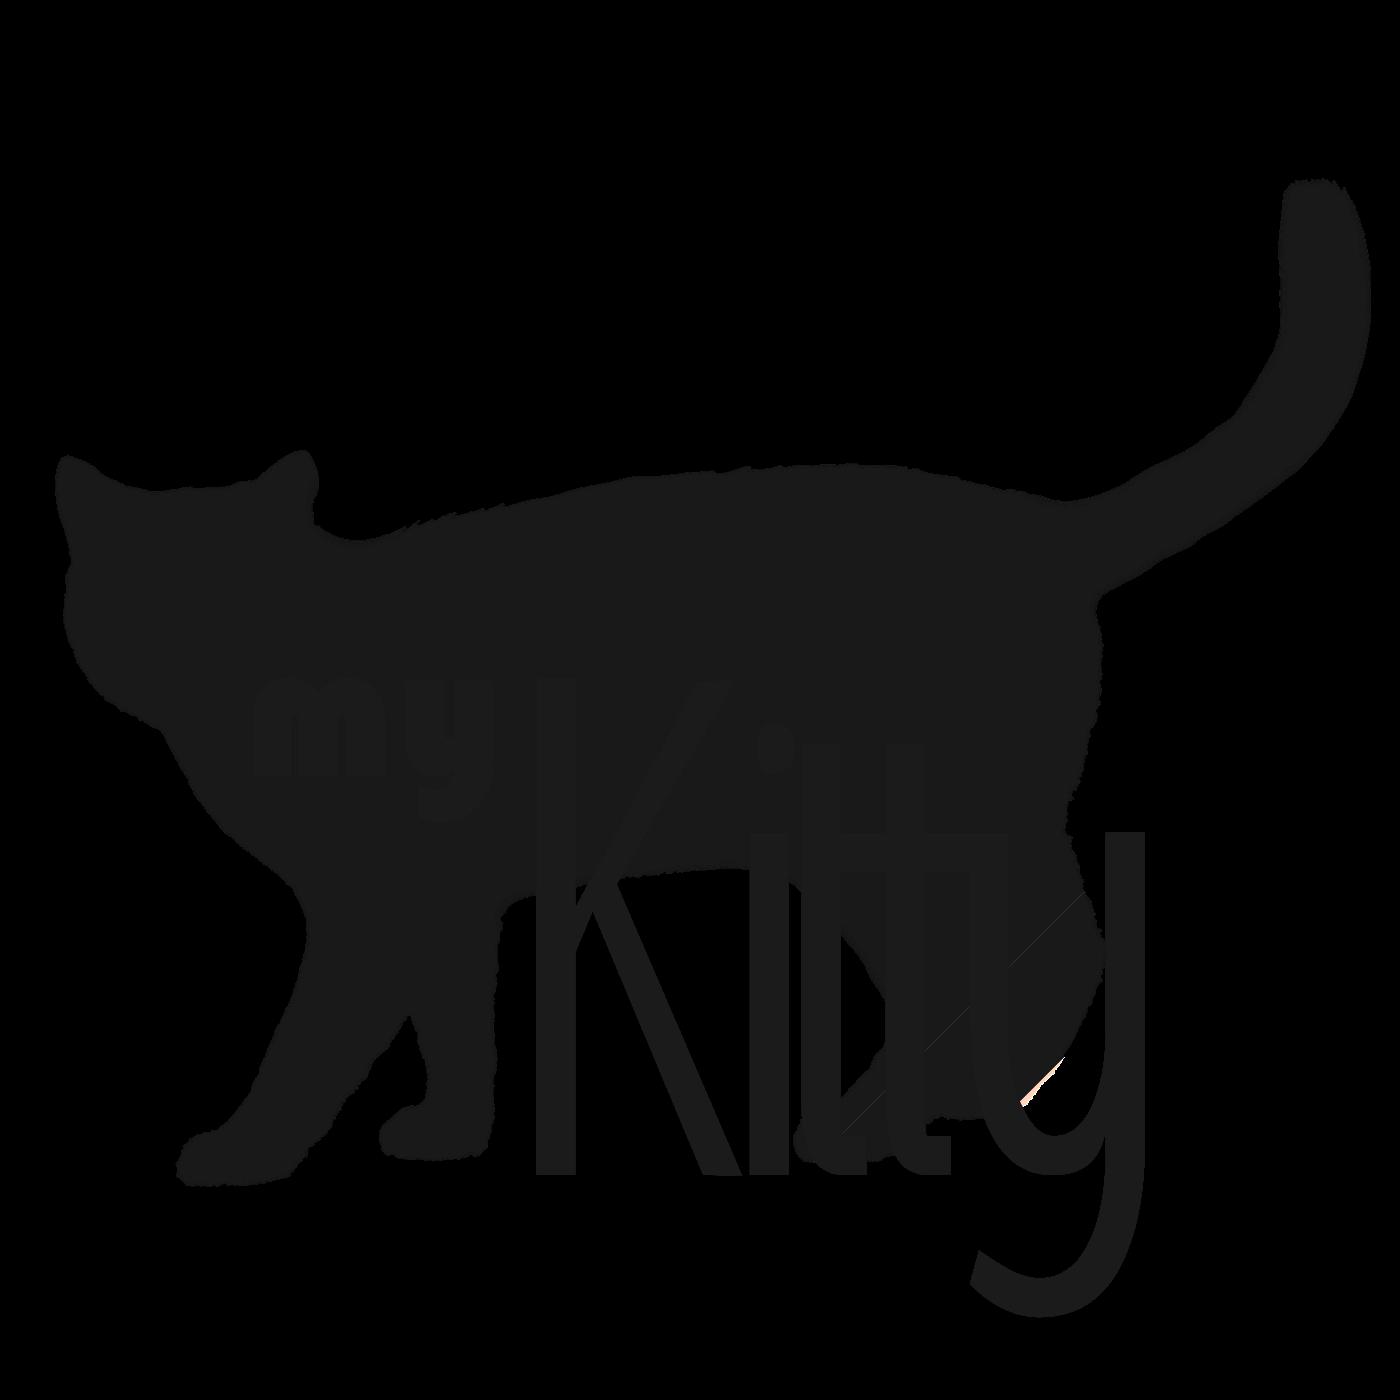 Profender spot on für katzen kaufen